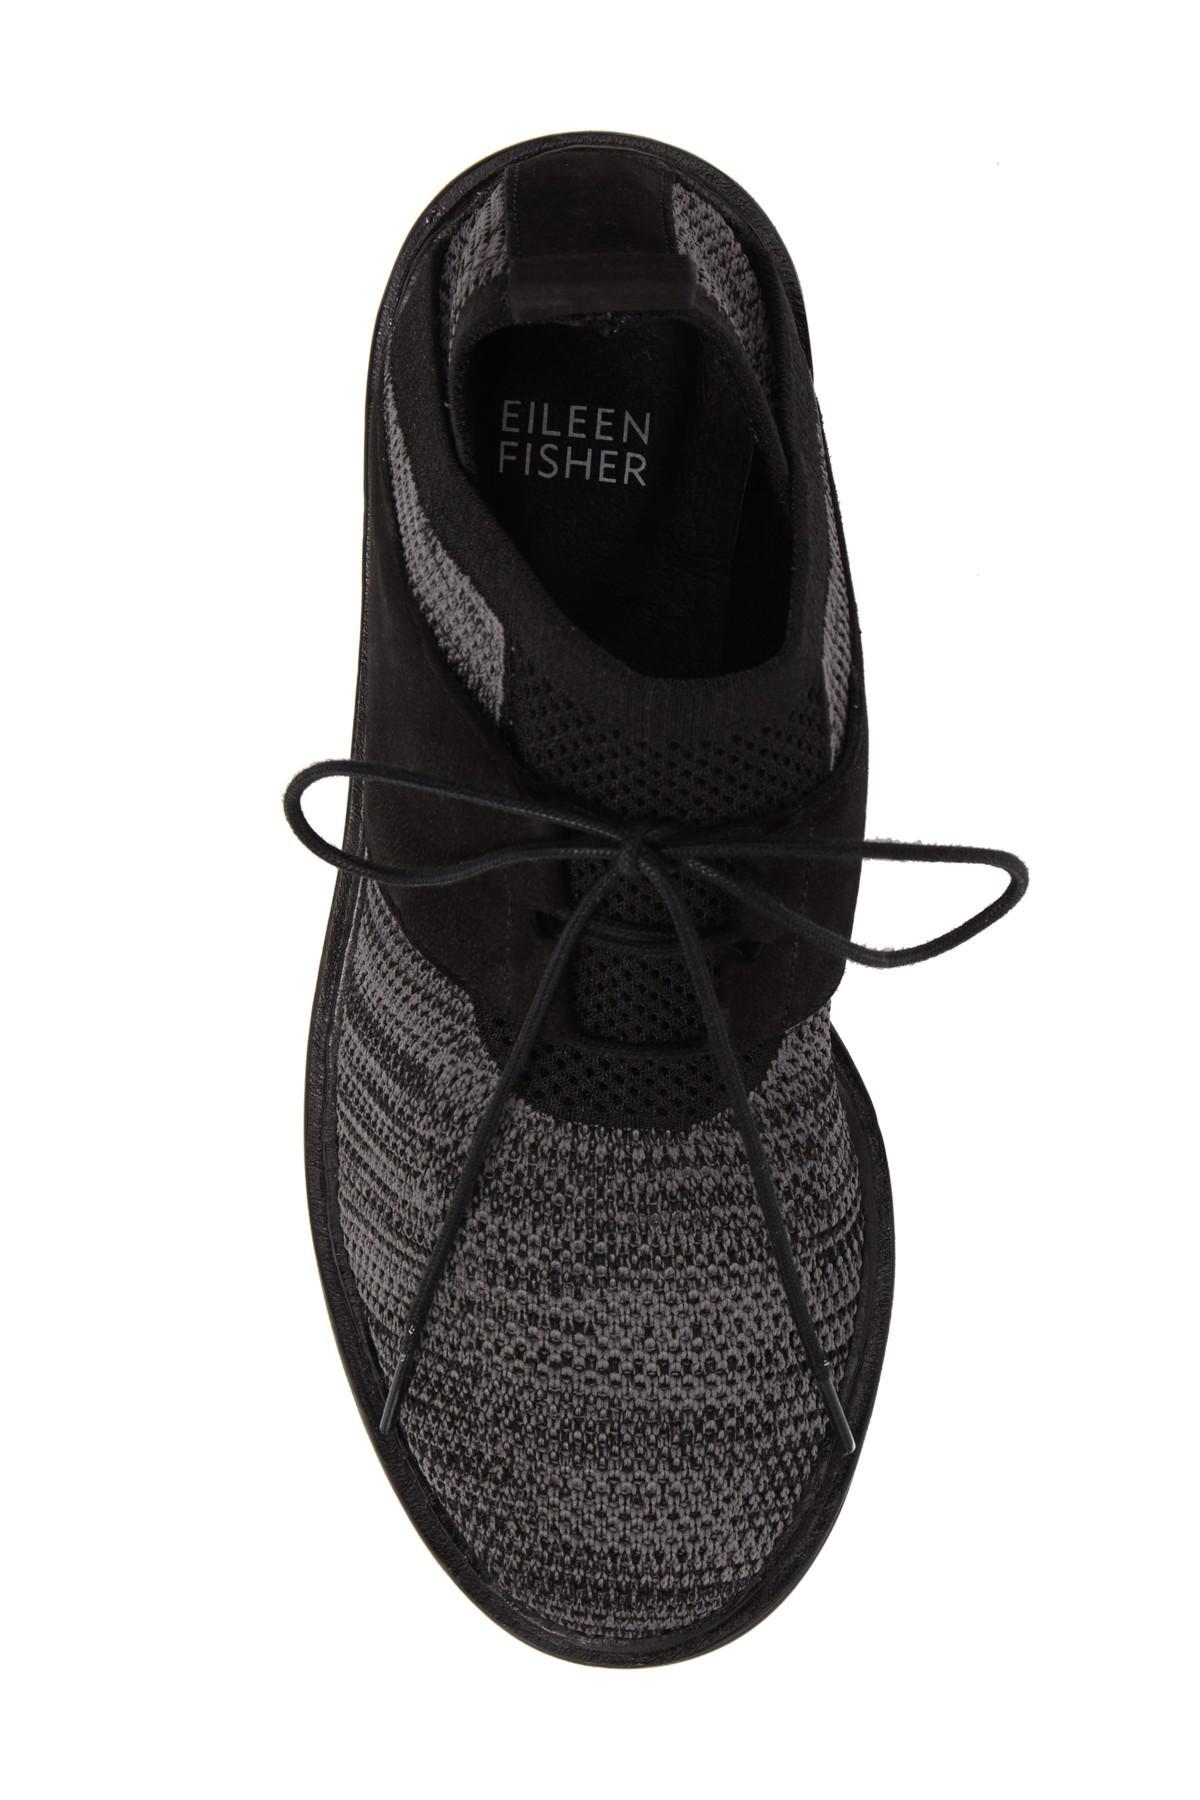 13a855c4c887 Lyst - Eileen Fisher Wilson Sneaker in Black